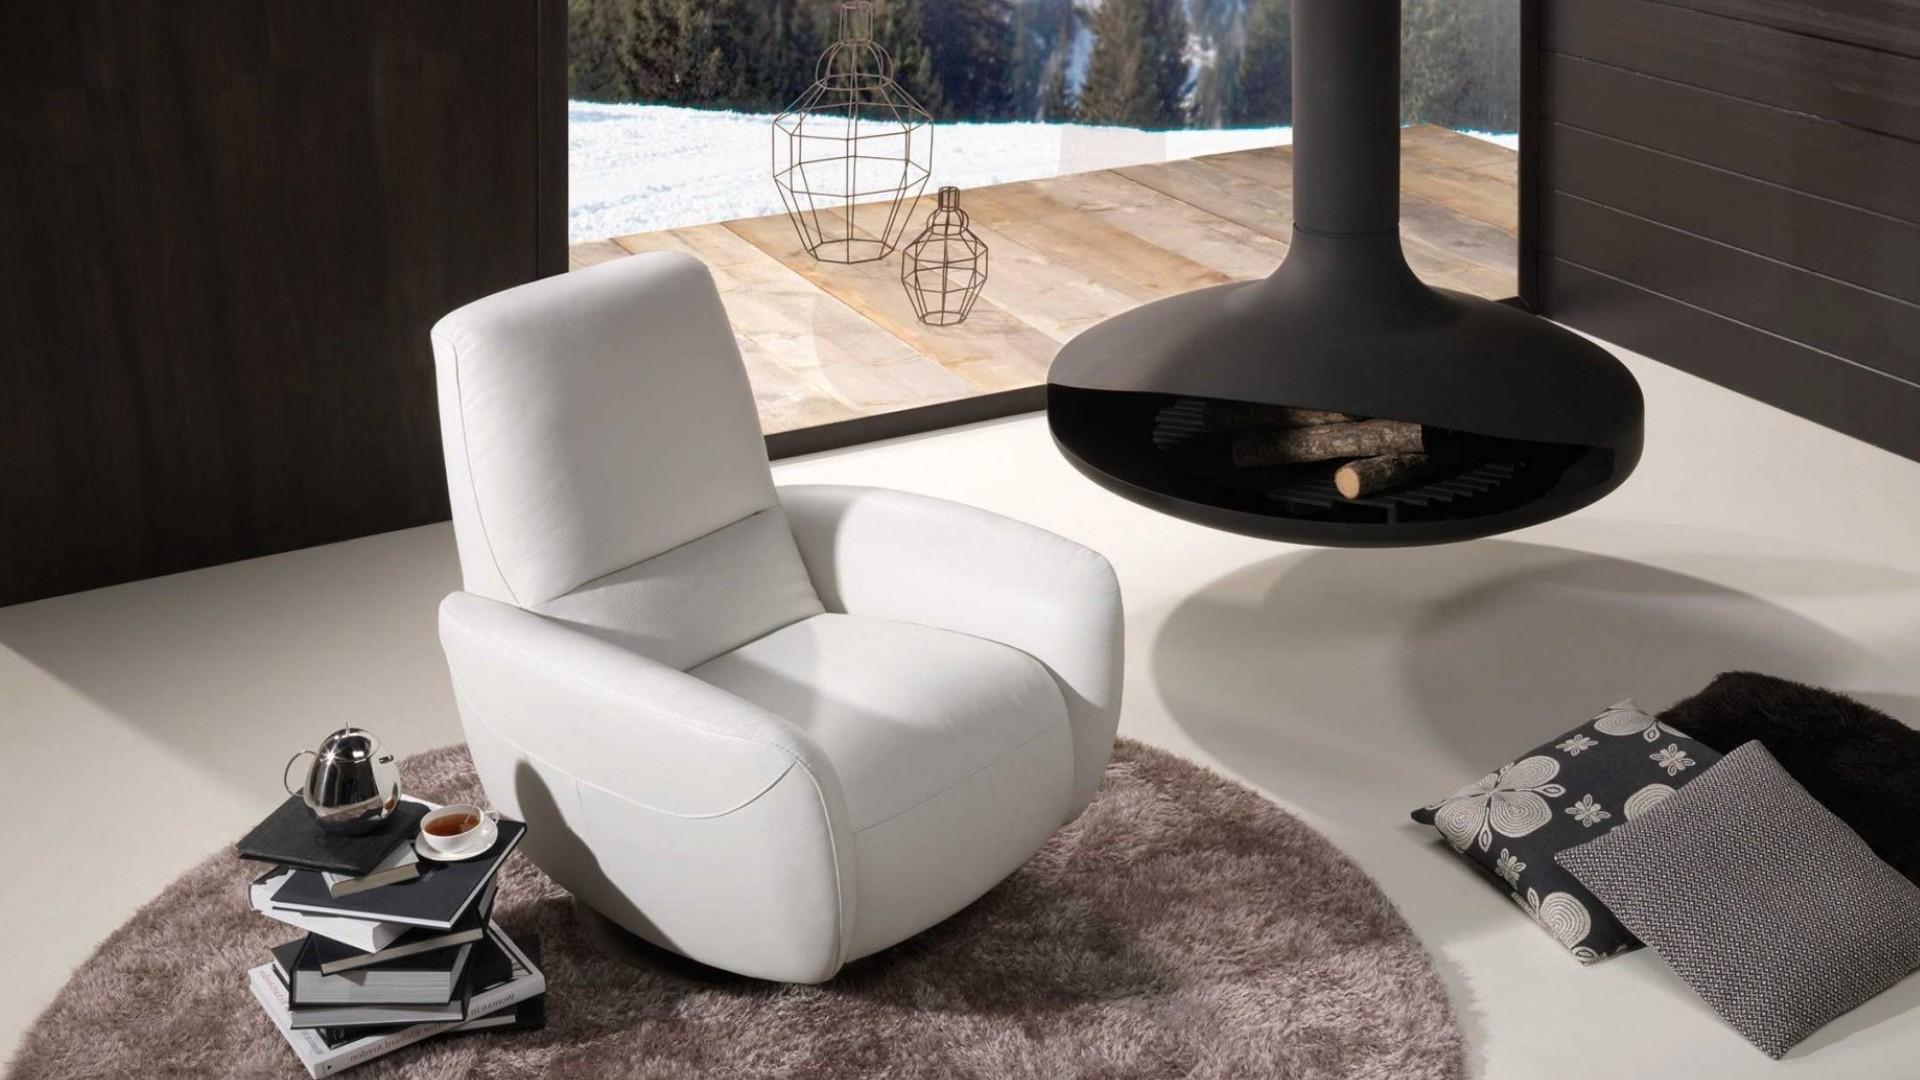 Genny 2483 Hip Furniture